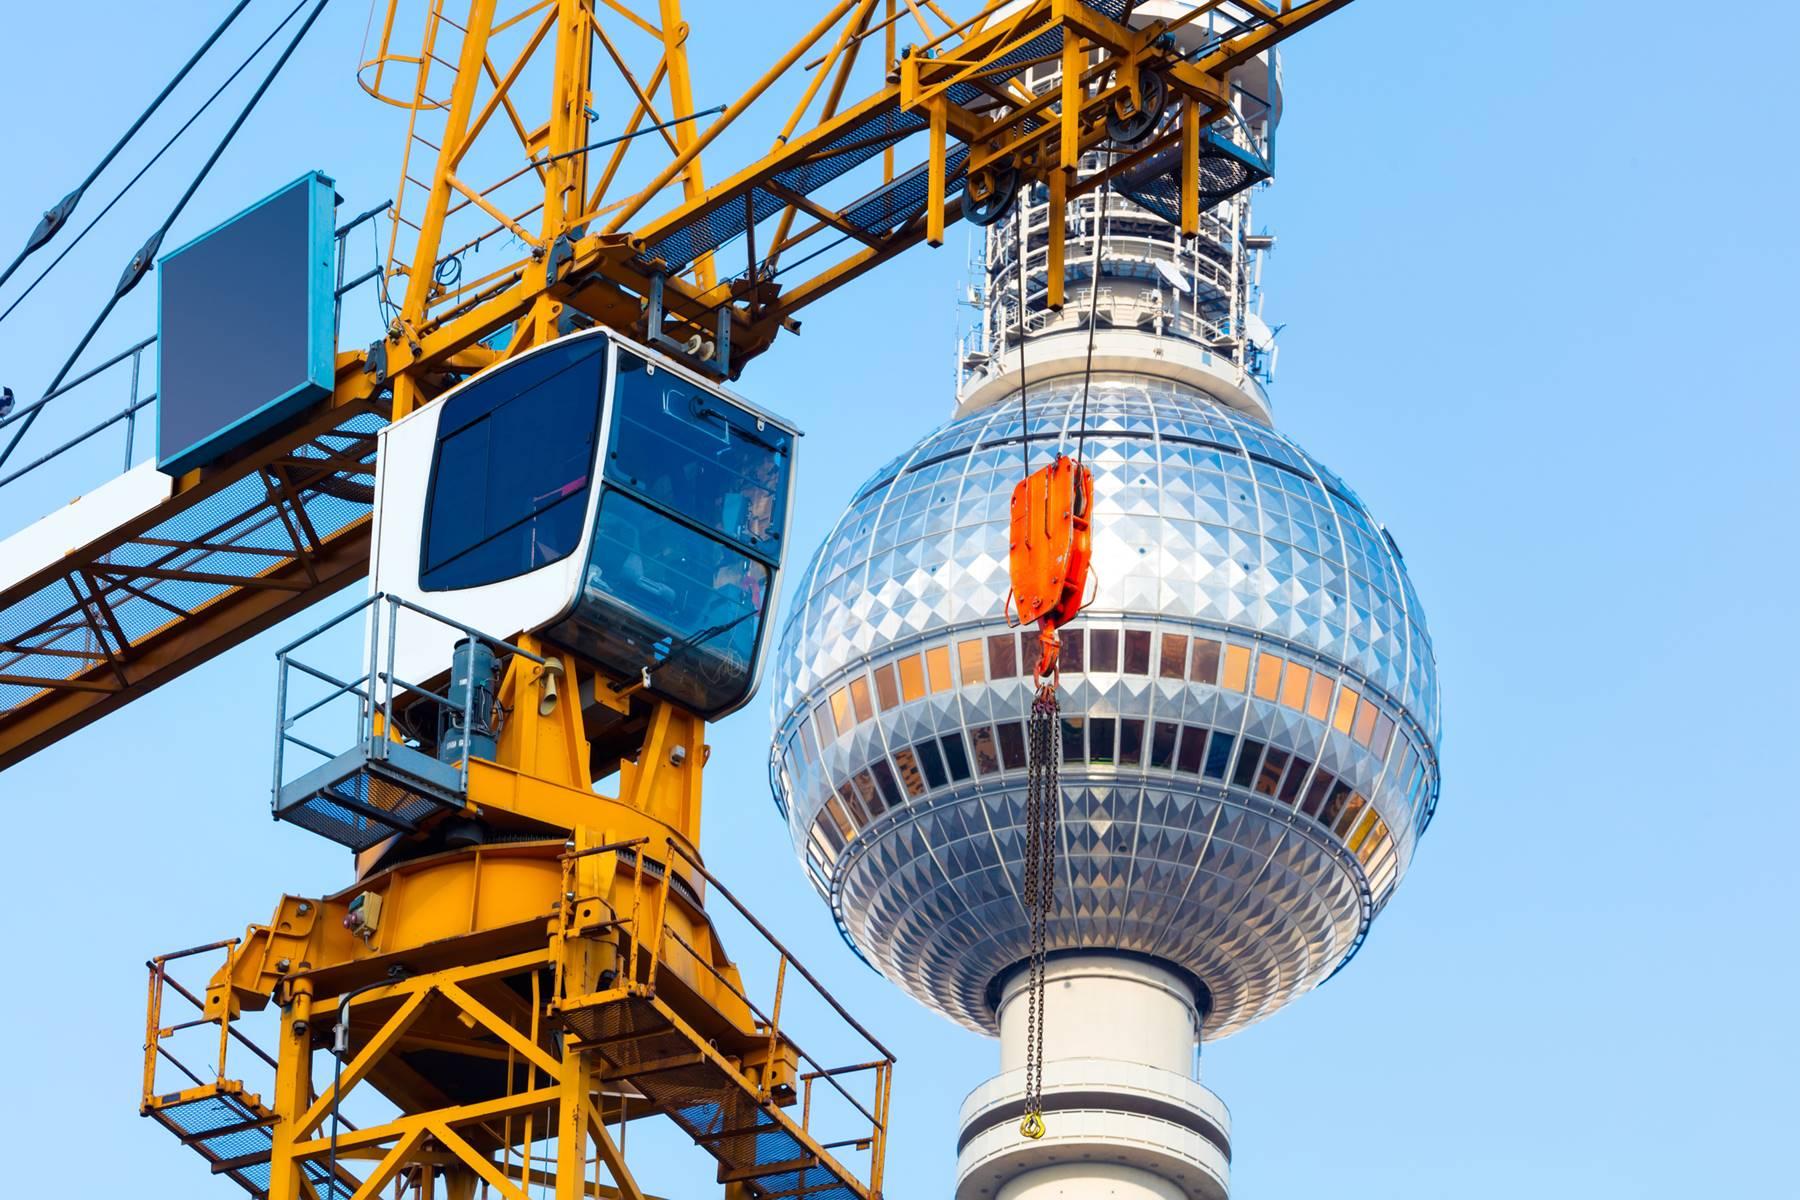 Baustelle Hochbau Berlin Alexanderplatz Mitte Hausbau